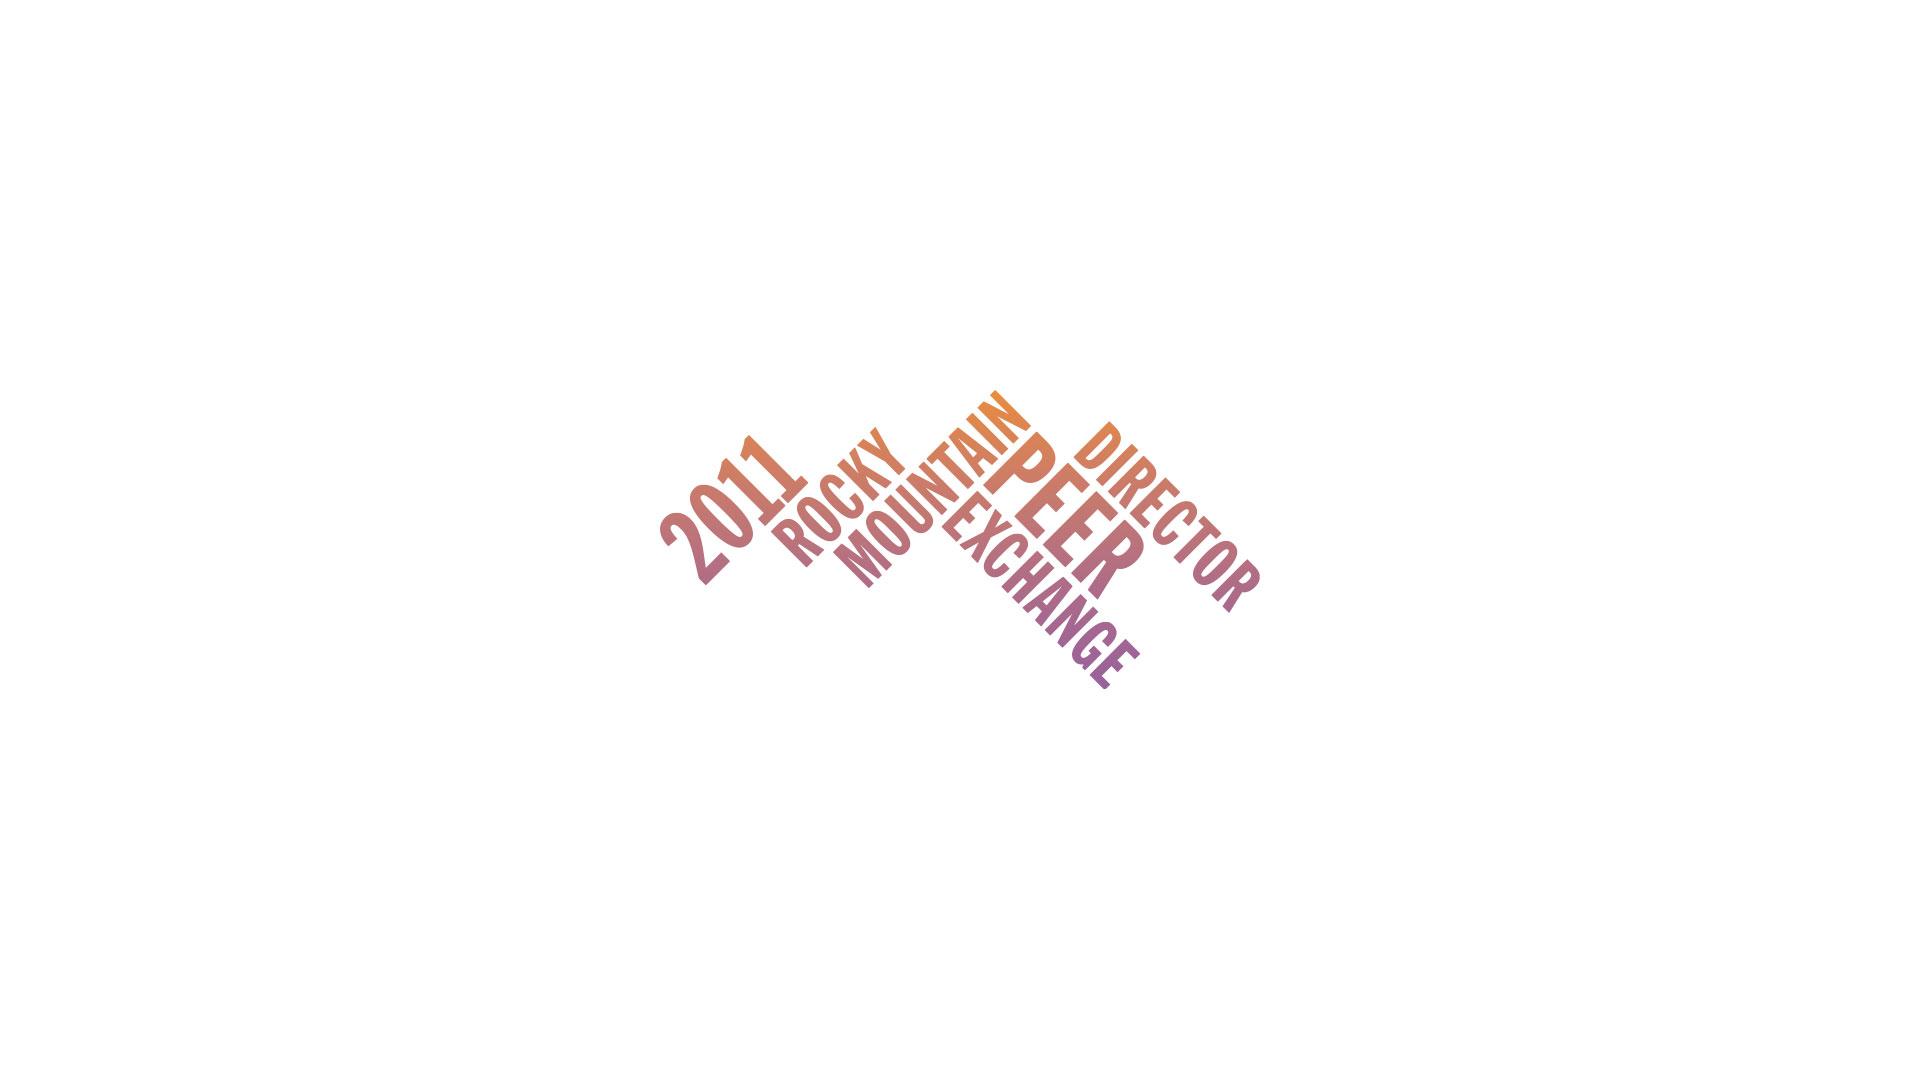 hkh-rmdpe-logo-1920.jpg